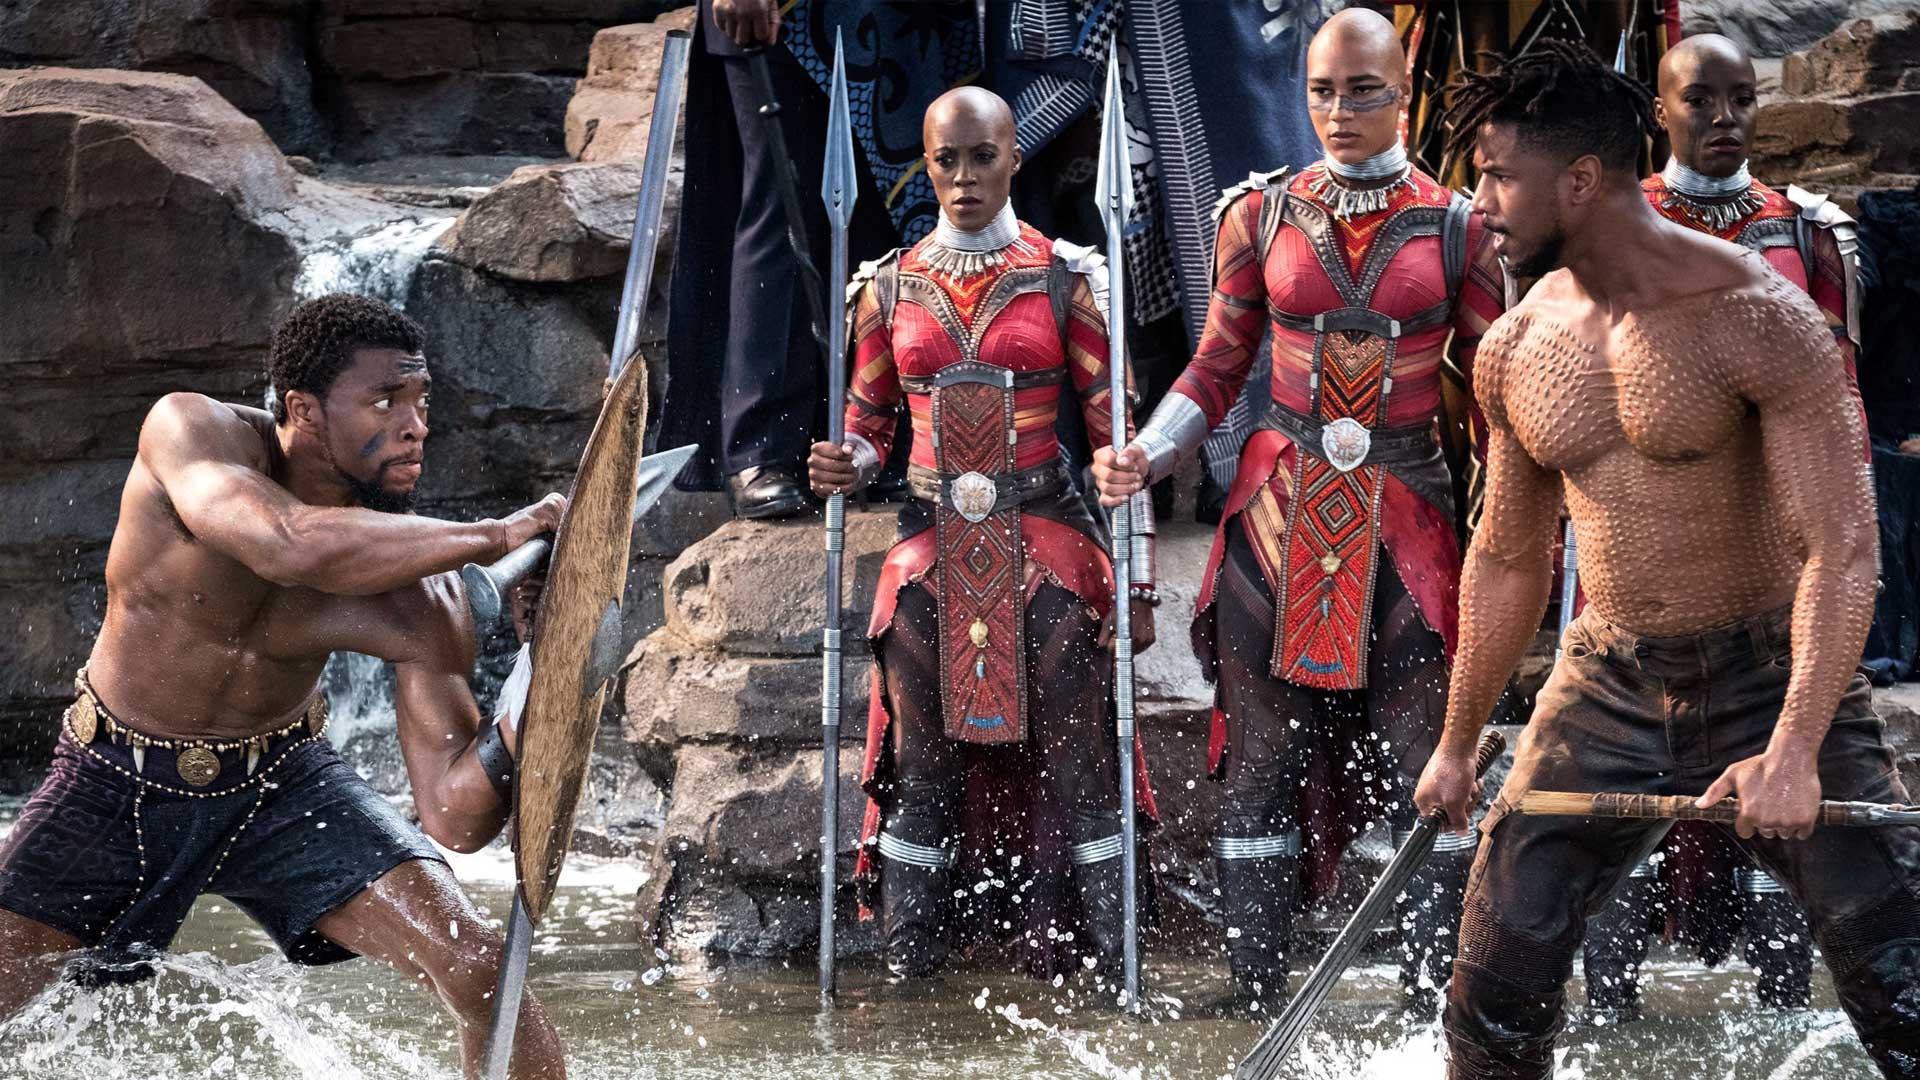 بلک پنتر - Black Panther - دیزنی / مارول